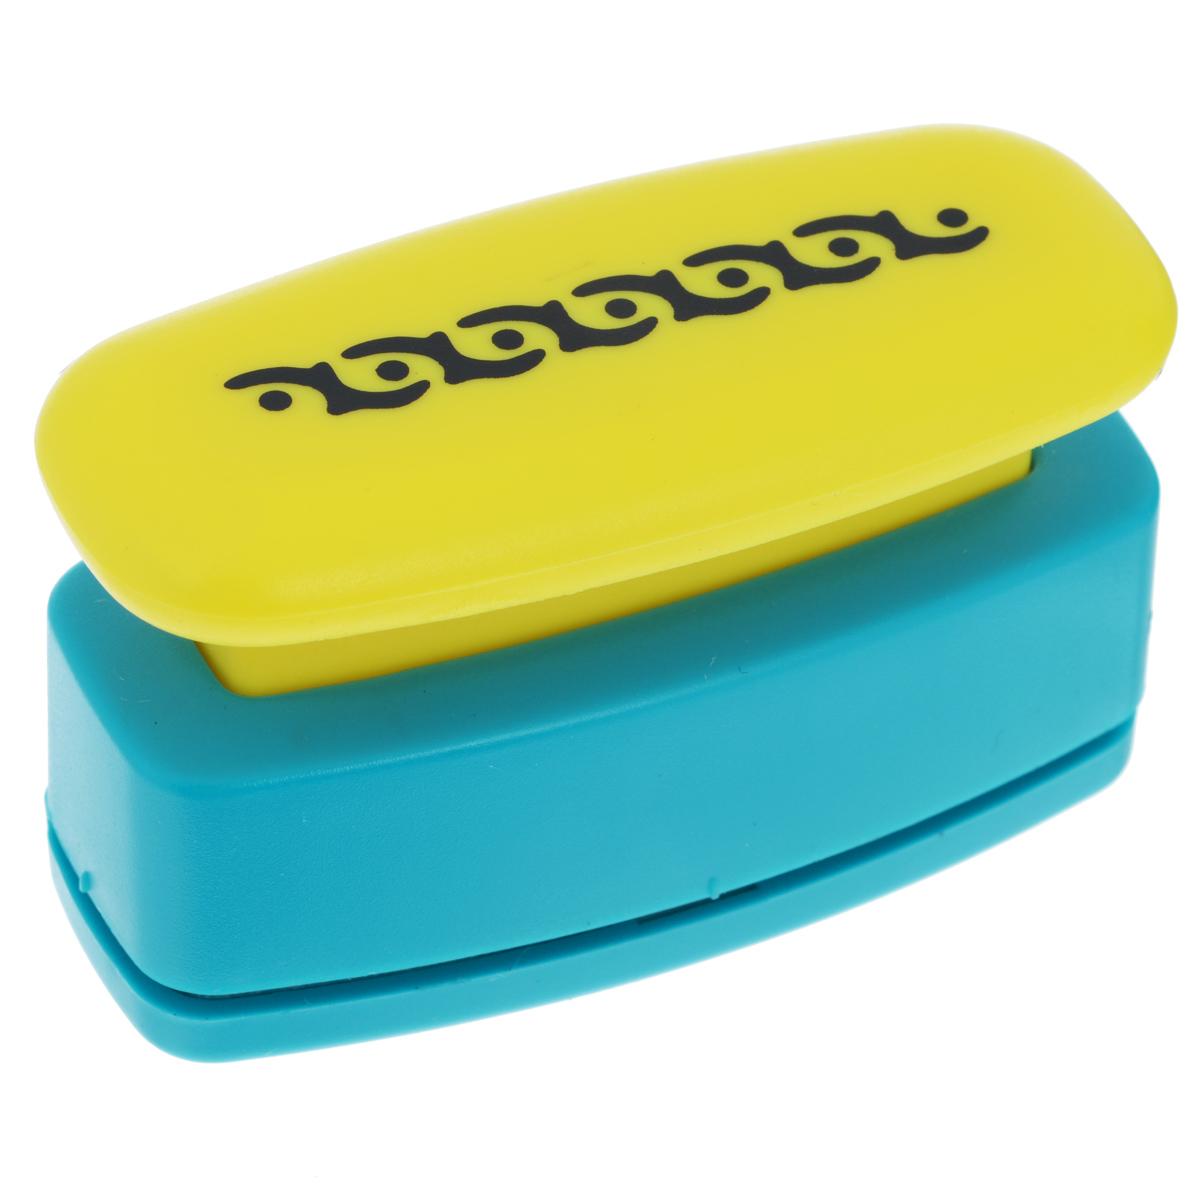 Дырокол фигурный Астра Орнамент, для края, цвет: желтый, голубой, №28FS-00897Дырокол Астра Орнамент поможет вам легко, просто и аккуратно вырезать много одинаковых мелких фигурок.Режущие части компостера закрыты пластмассовым корпусом, что обеспечивает безопасность для детей. Можно использовать вырезанные мотивы как конфетти или для наклеивания. Дырокол подходит для разных техник: декупажа, скрапбукинга, декорирования.Размер дырокола: 7 см х 4 см х 3 см. Размер готовой фигурки: 4,7 см х 1 см.